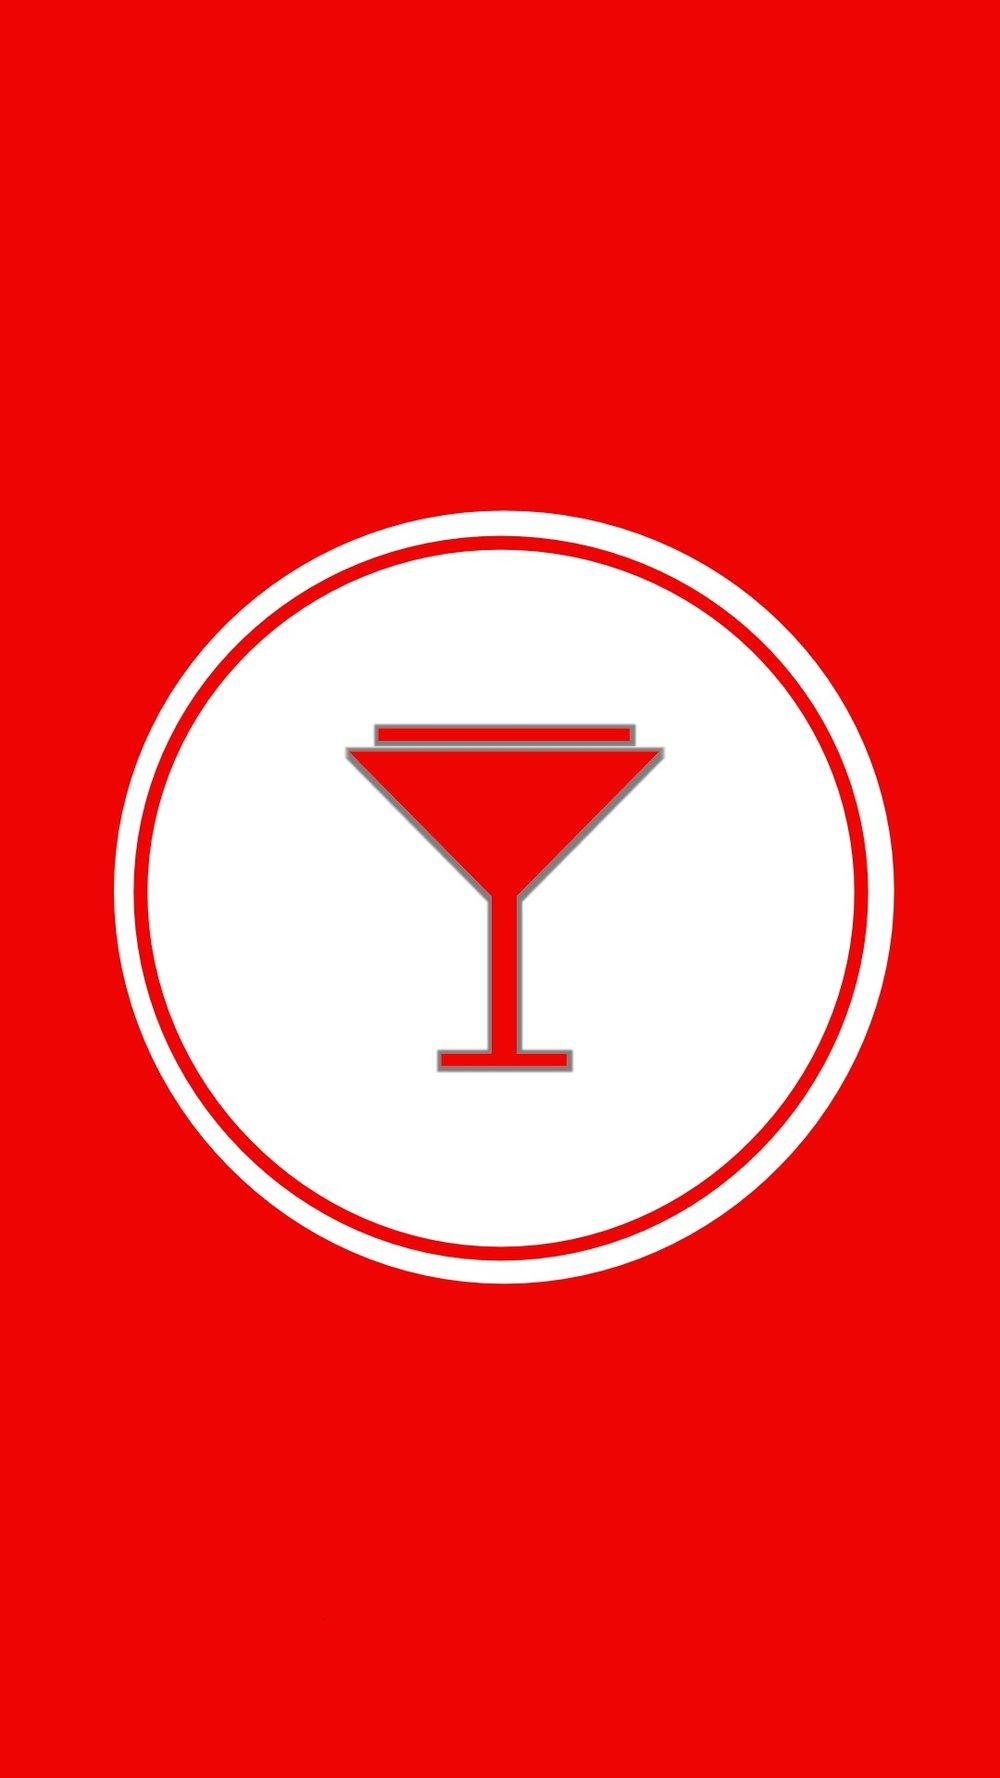 Instagram-cover-martiniglass-red-lotnotes.com.jpg